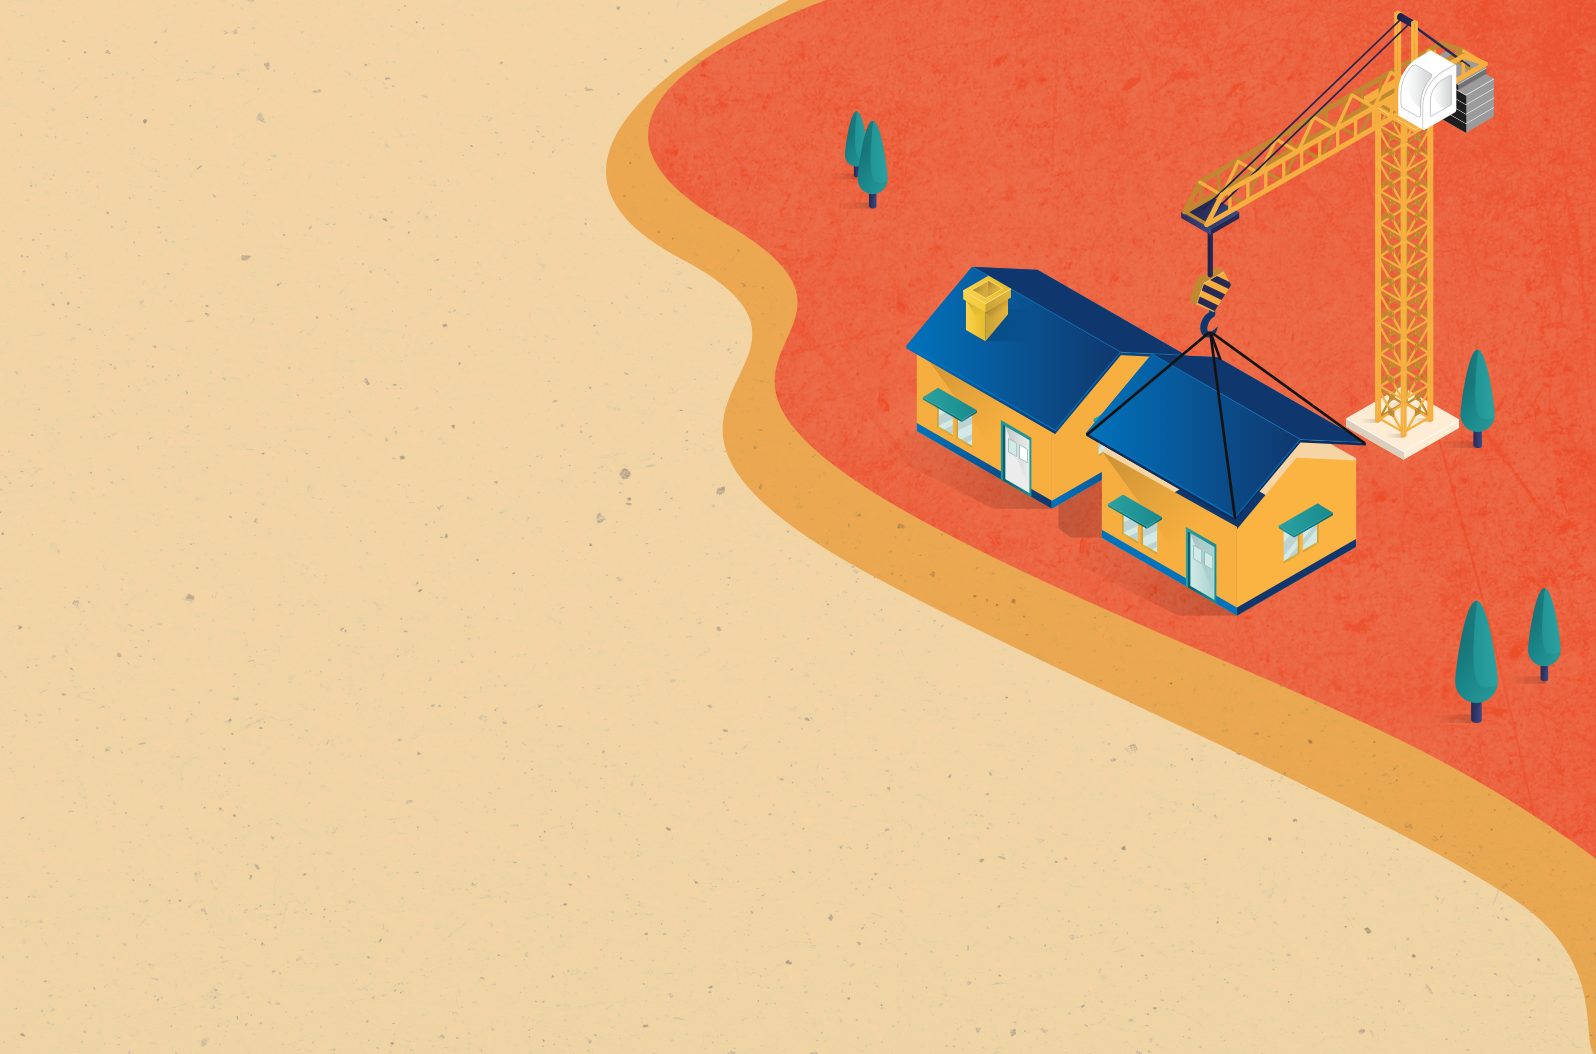 Aká by mala byť ekonomická strecha (+ infografika)